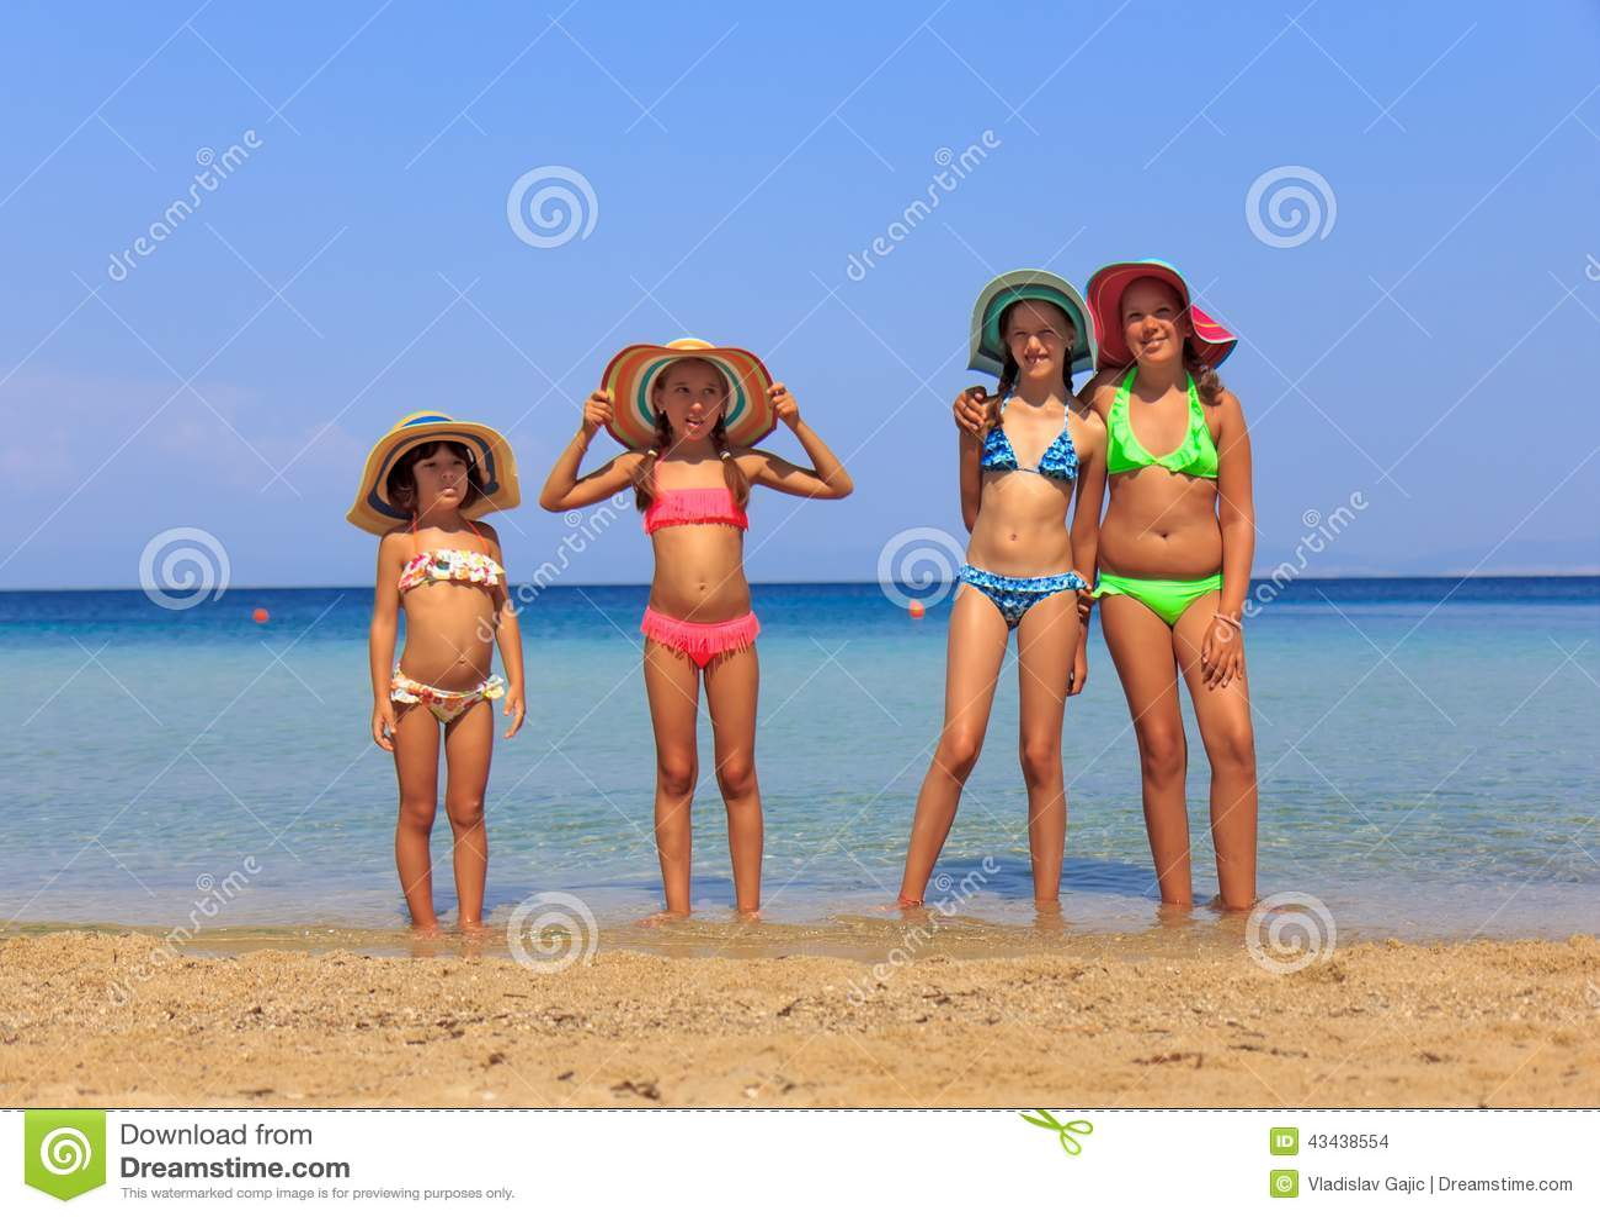 Детские фото с нудиского пляжа